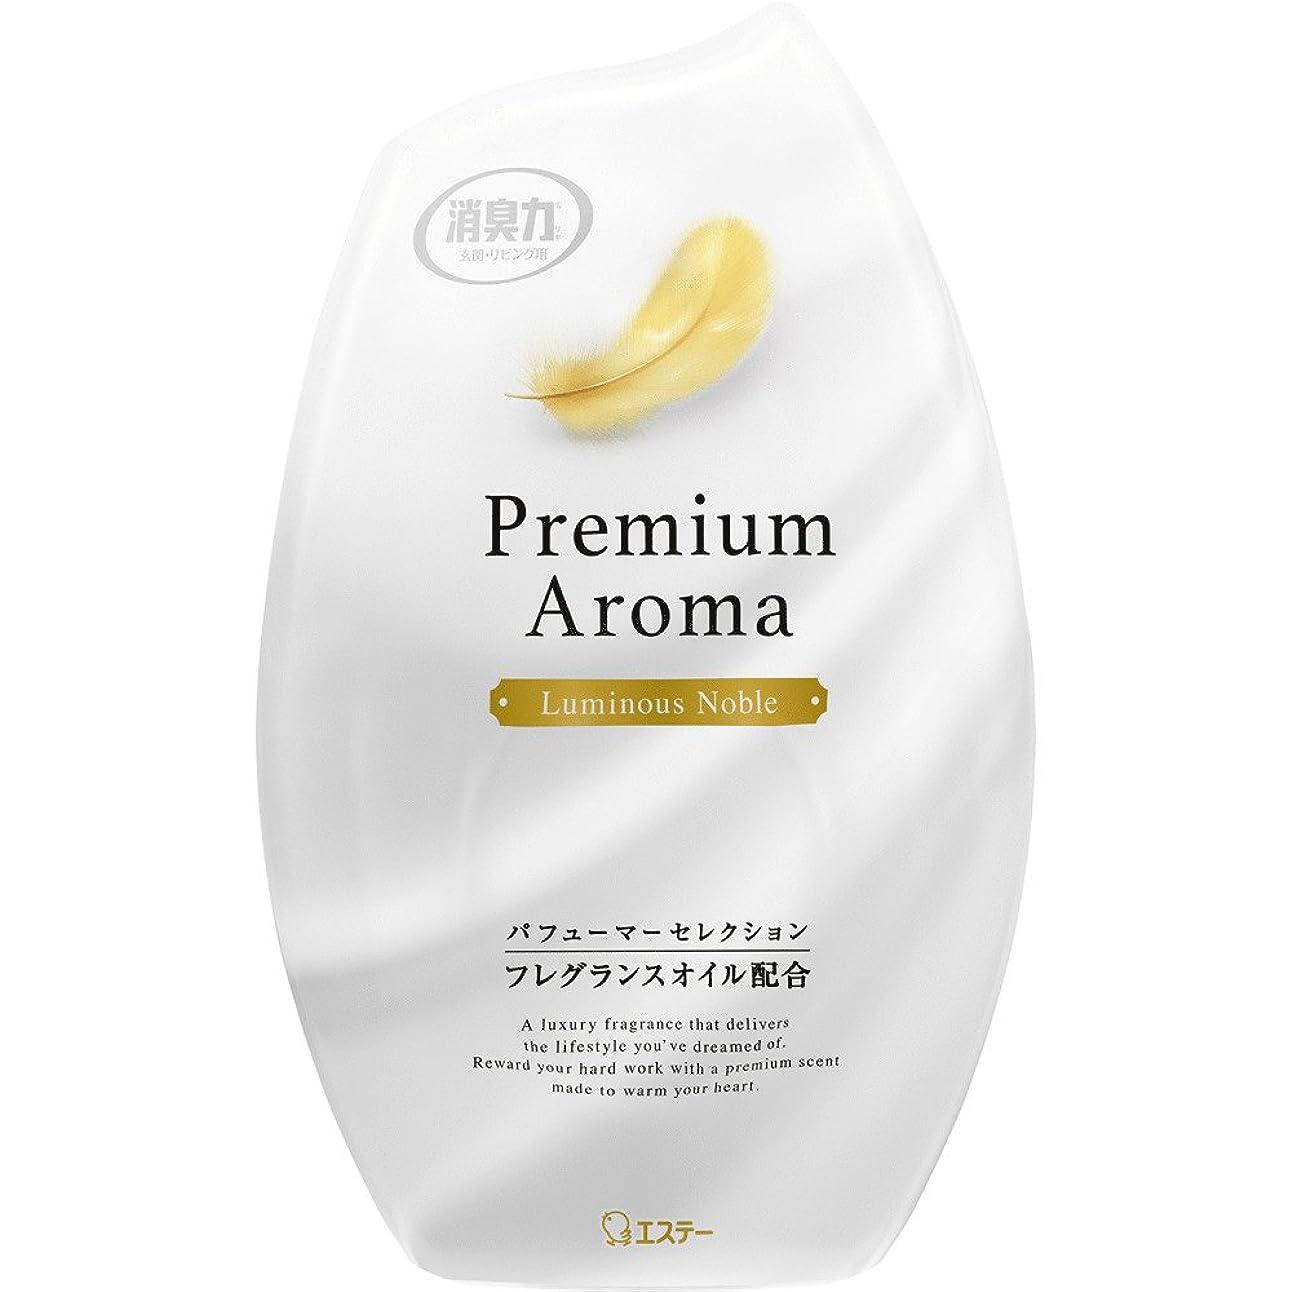 二層ホーム押し下げるお部屋の消臭力 プレミアムアロマ Premium Aroma 消臭芳香剤 部屋用 部屋 ルミナスノーブルの香り 400ml